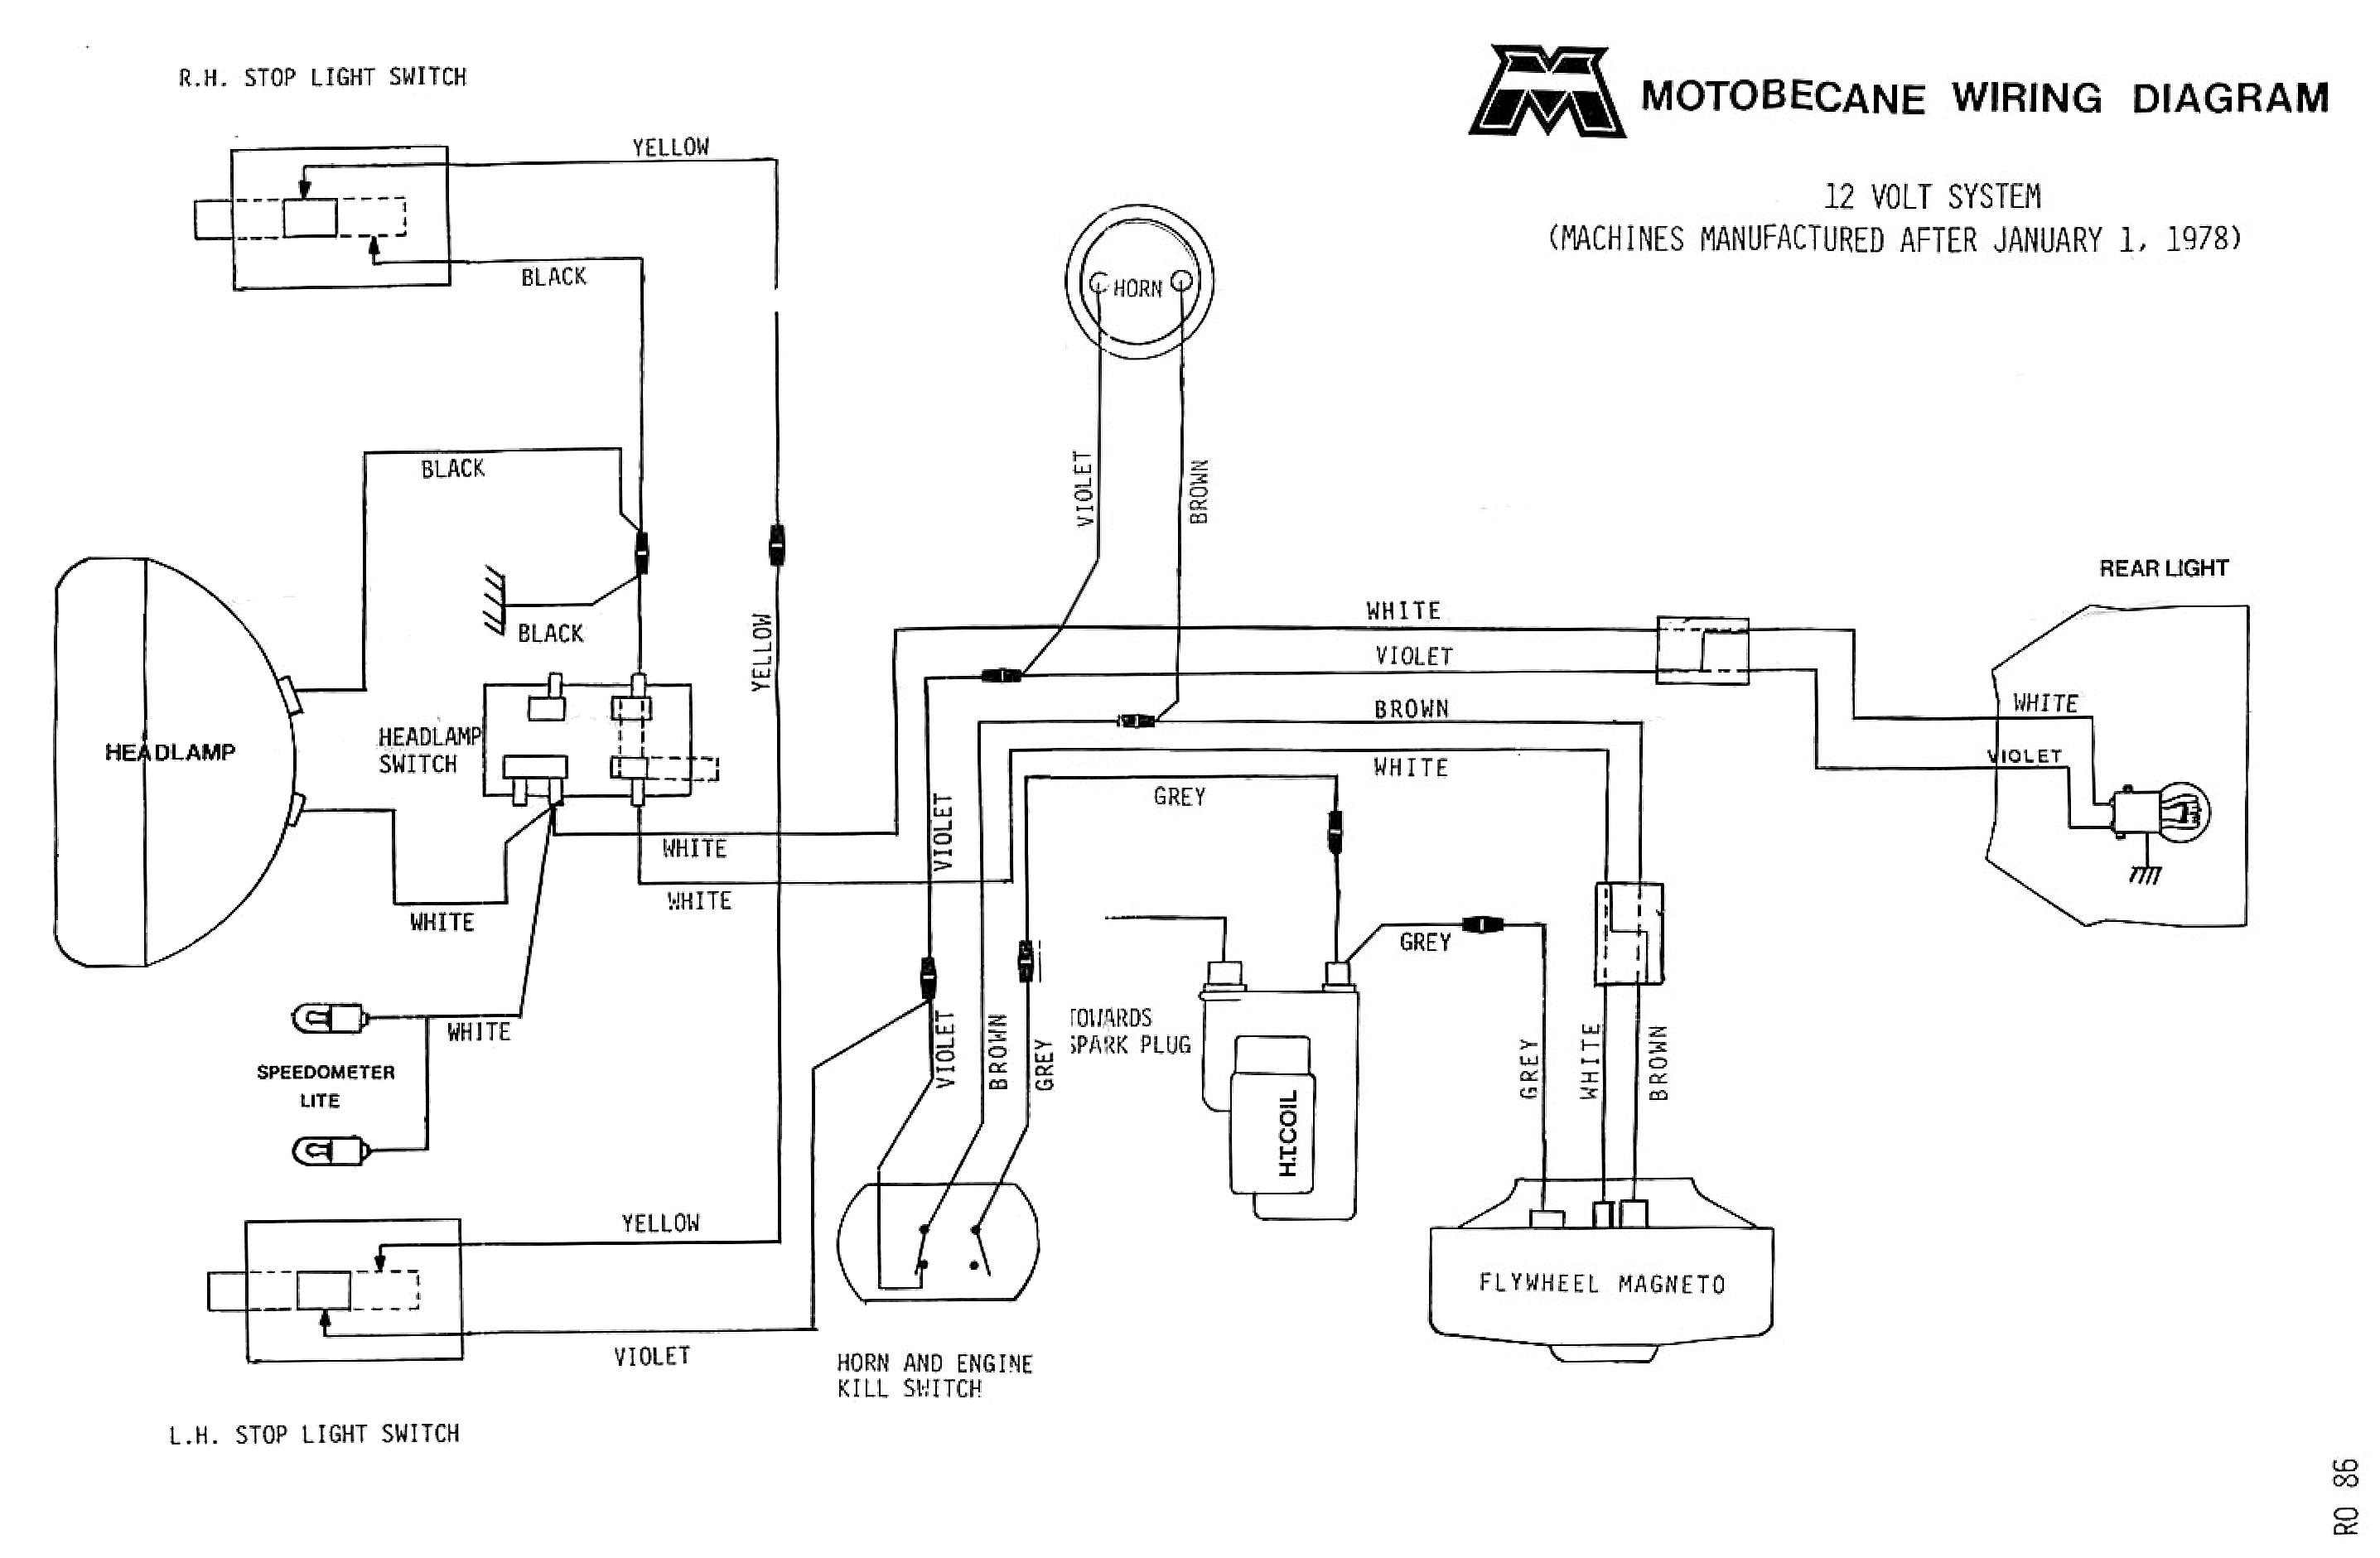 motobecane wiring diagrams mopedwiki mopeds wire diagram motobecane wiring diagrams mopedwiki [ 2873 x 1881 Pixel ]